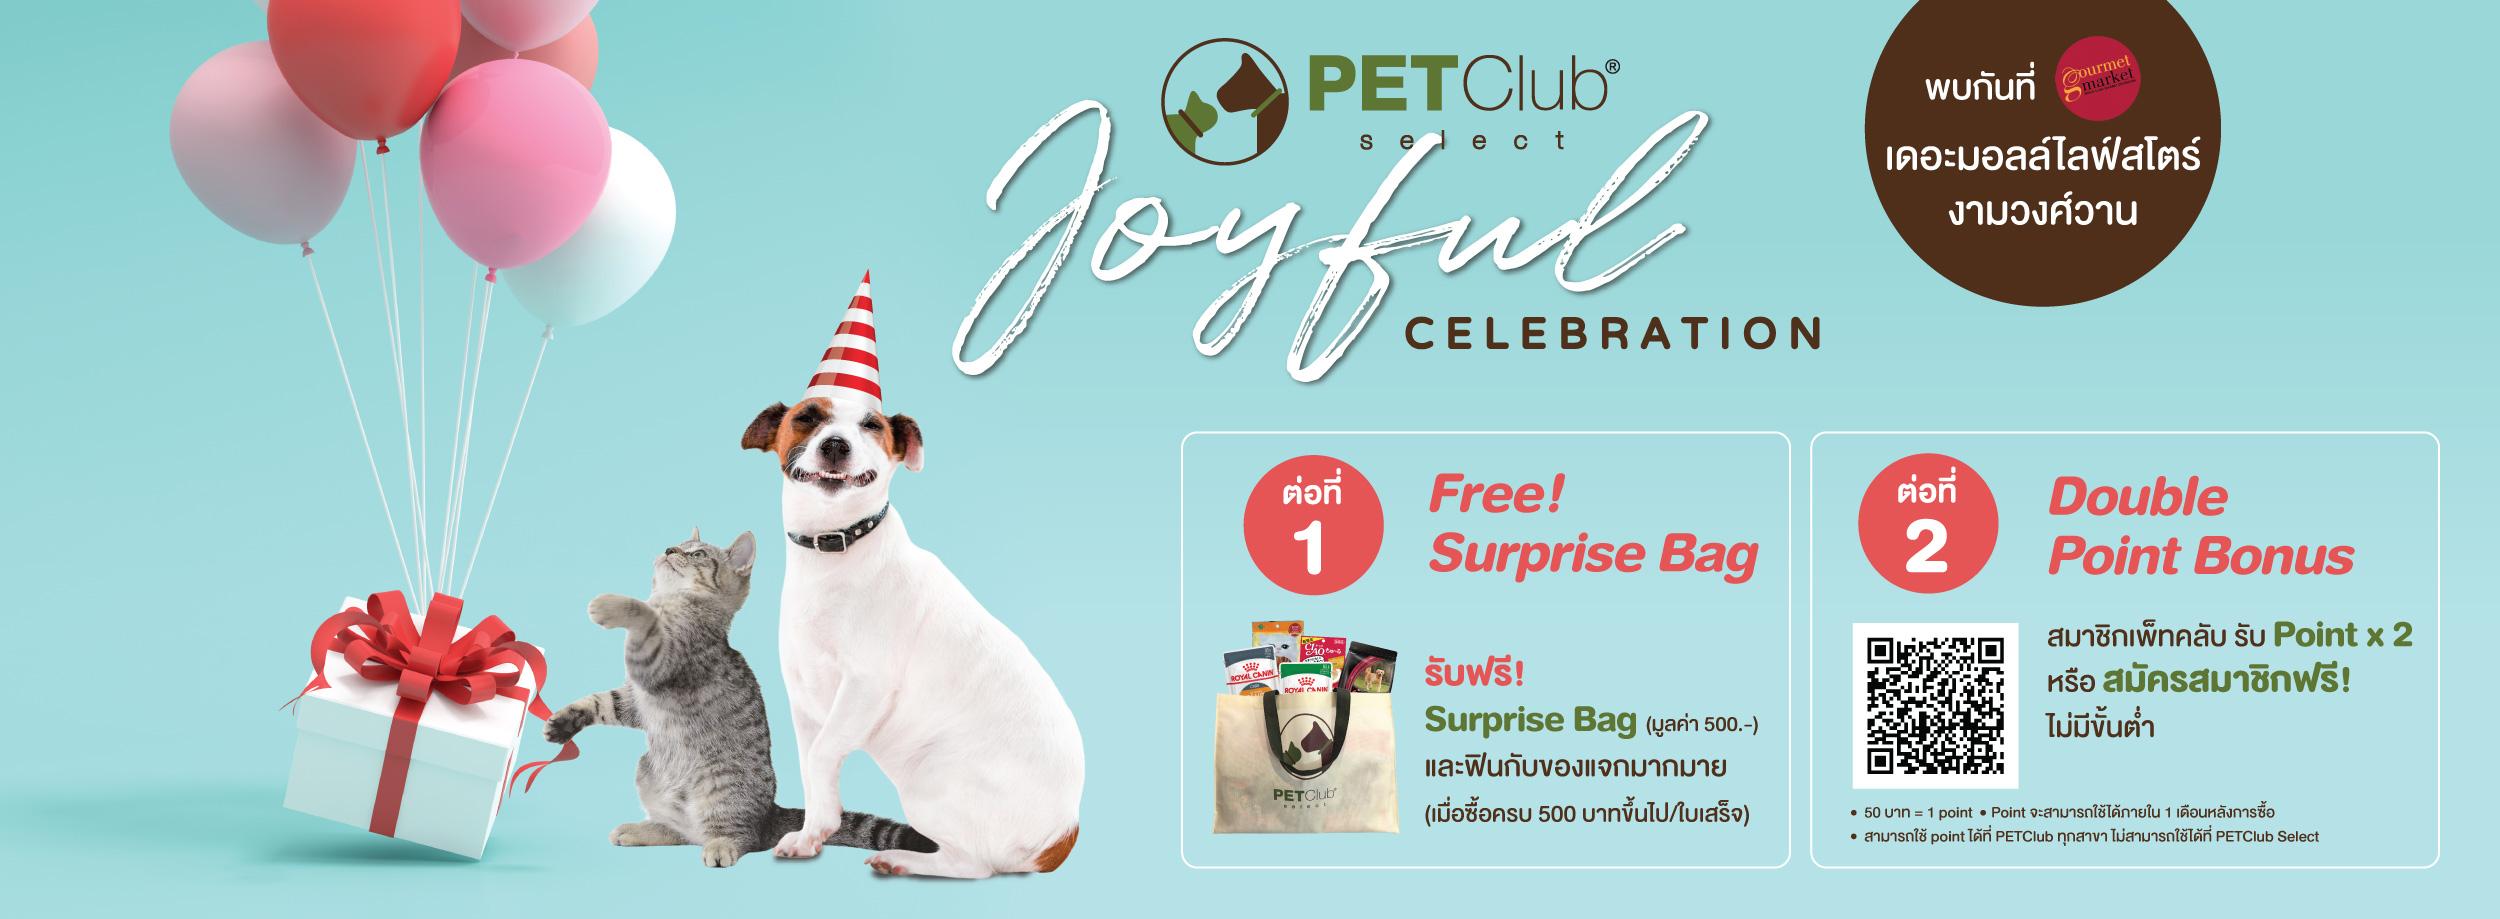 PETClub Joyful Celebration The Mall Ngam Wong Wan